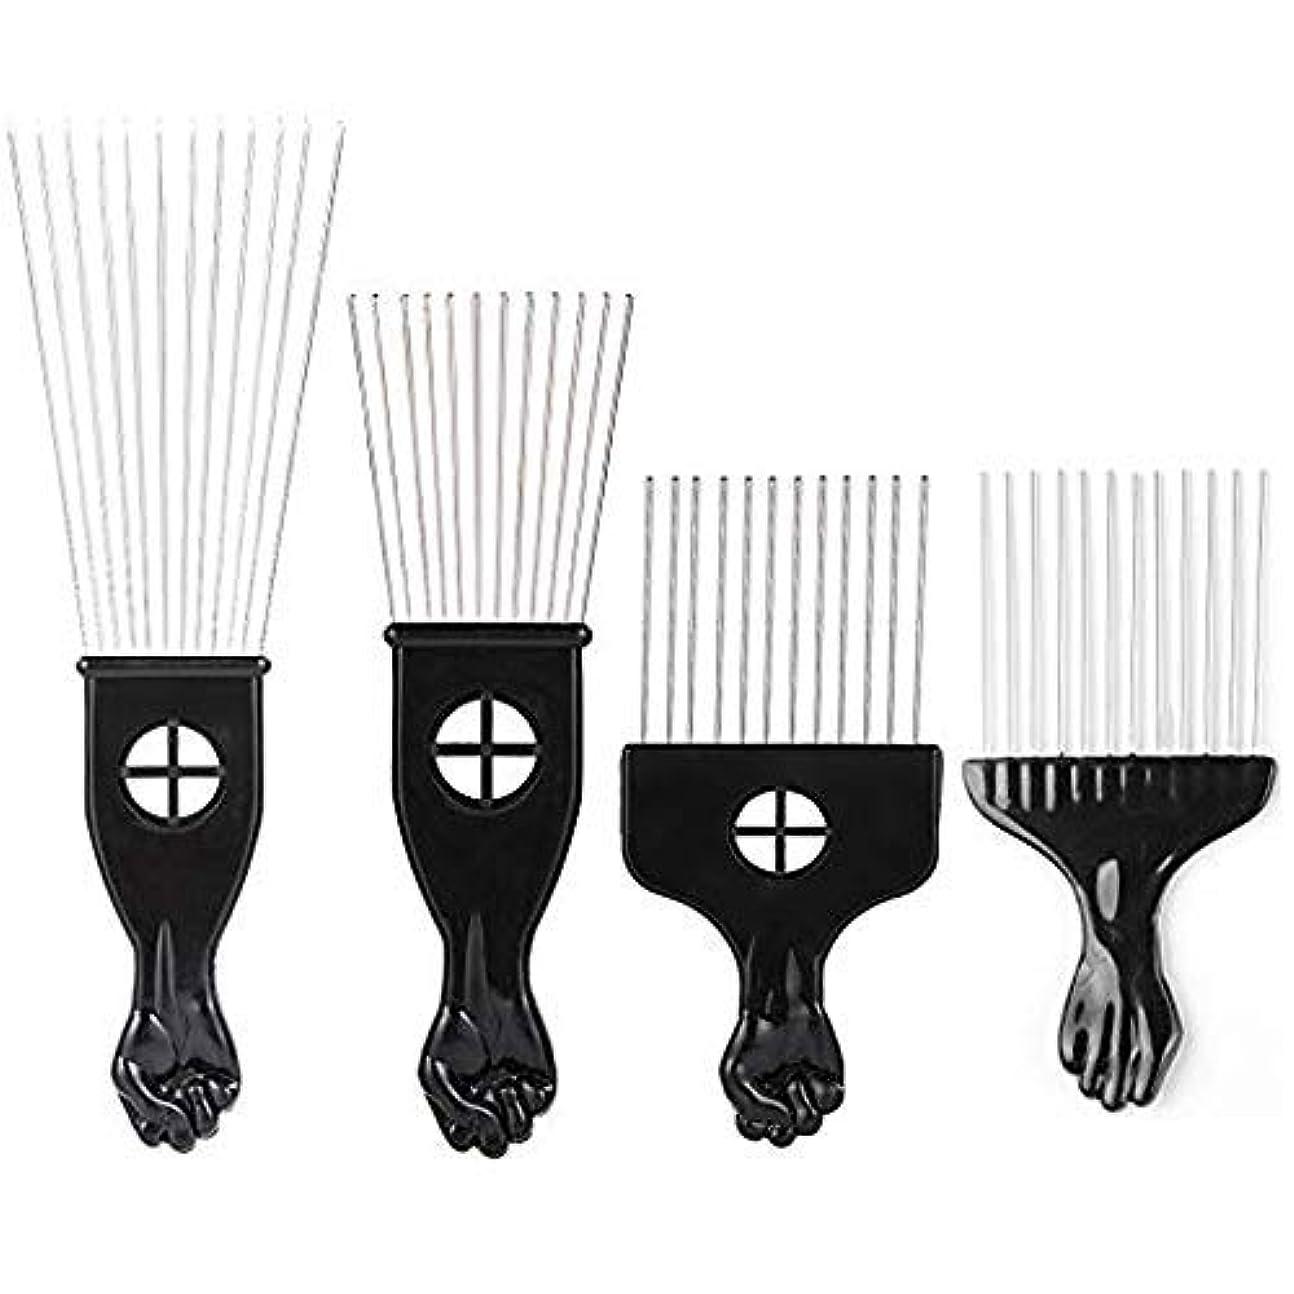 図書館ヨーロッパサーキットに行くBorogo Afro Combs, 4-Pack Afro Pick w/Black Fist - Metal African American Pick Comb Straight Hair Brush Hairdressing Styling Tool [並行輸入品]